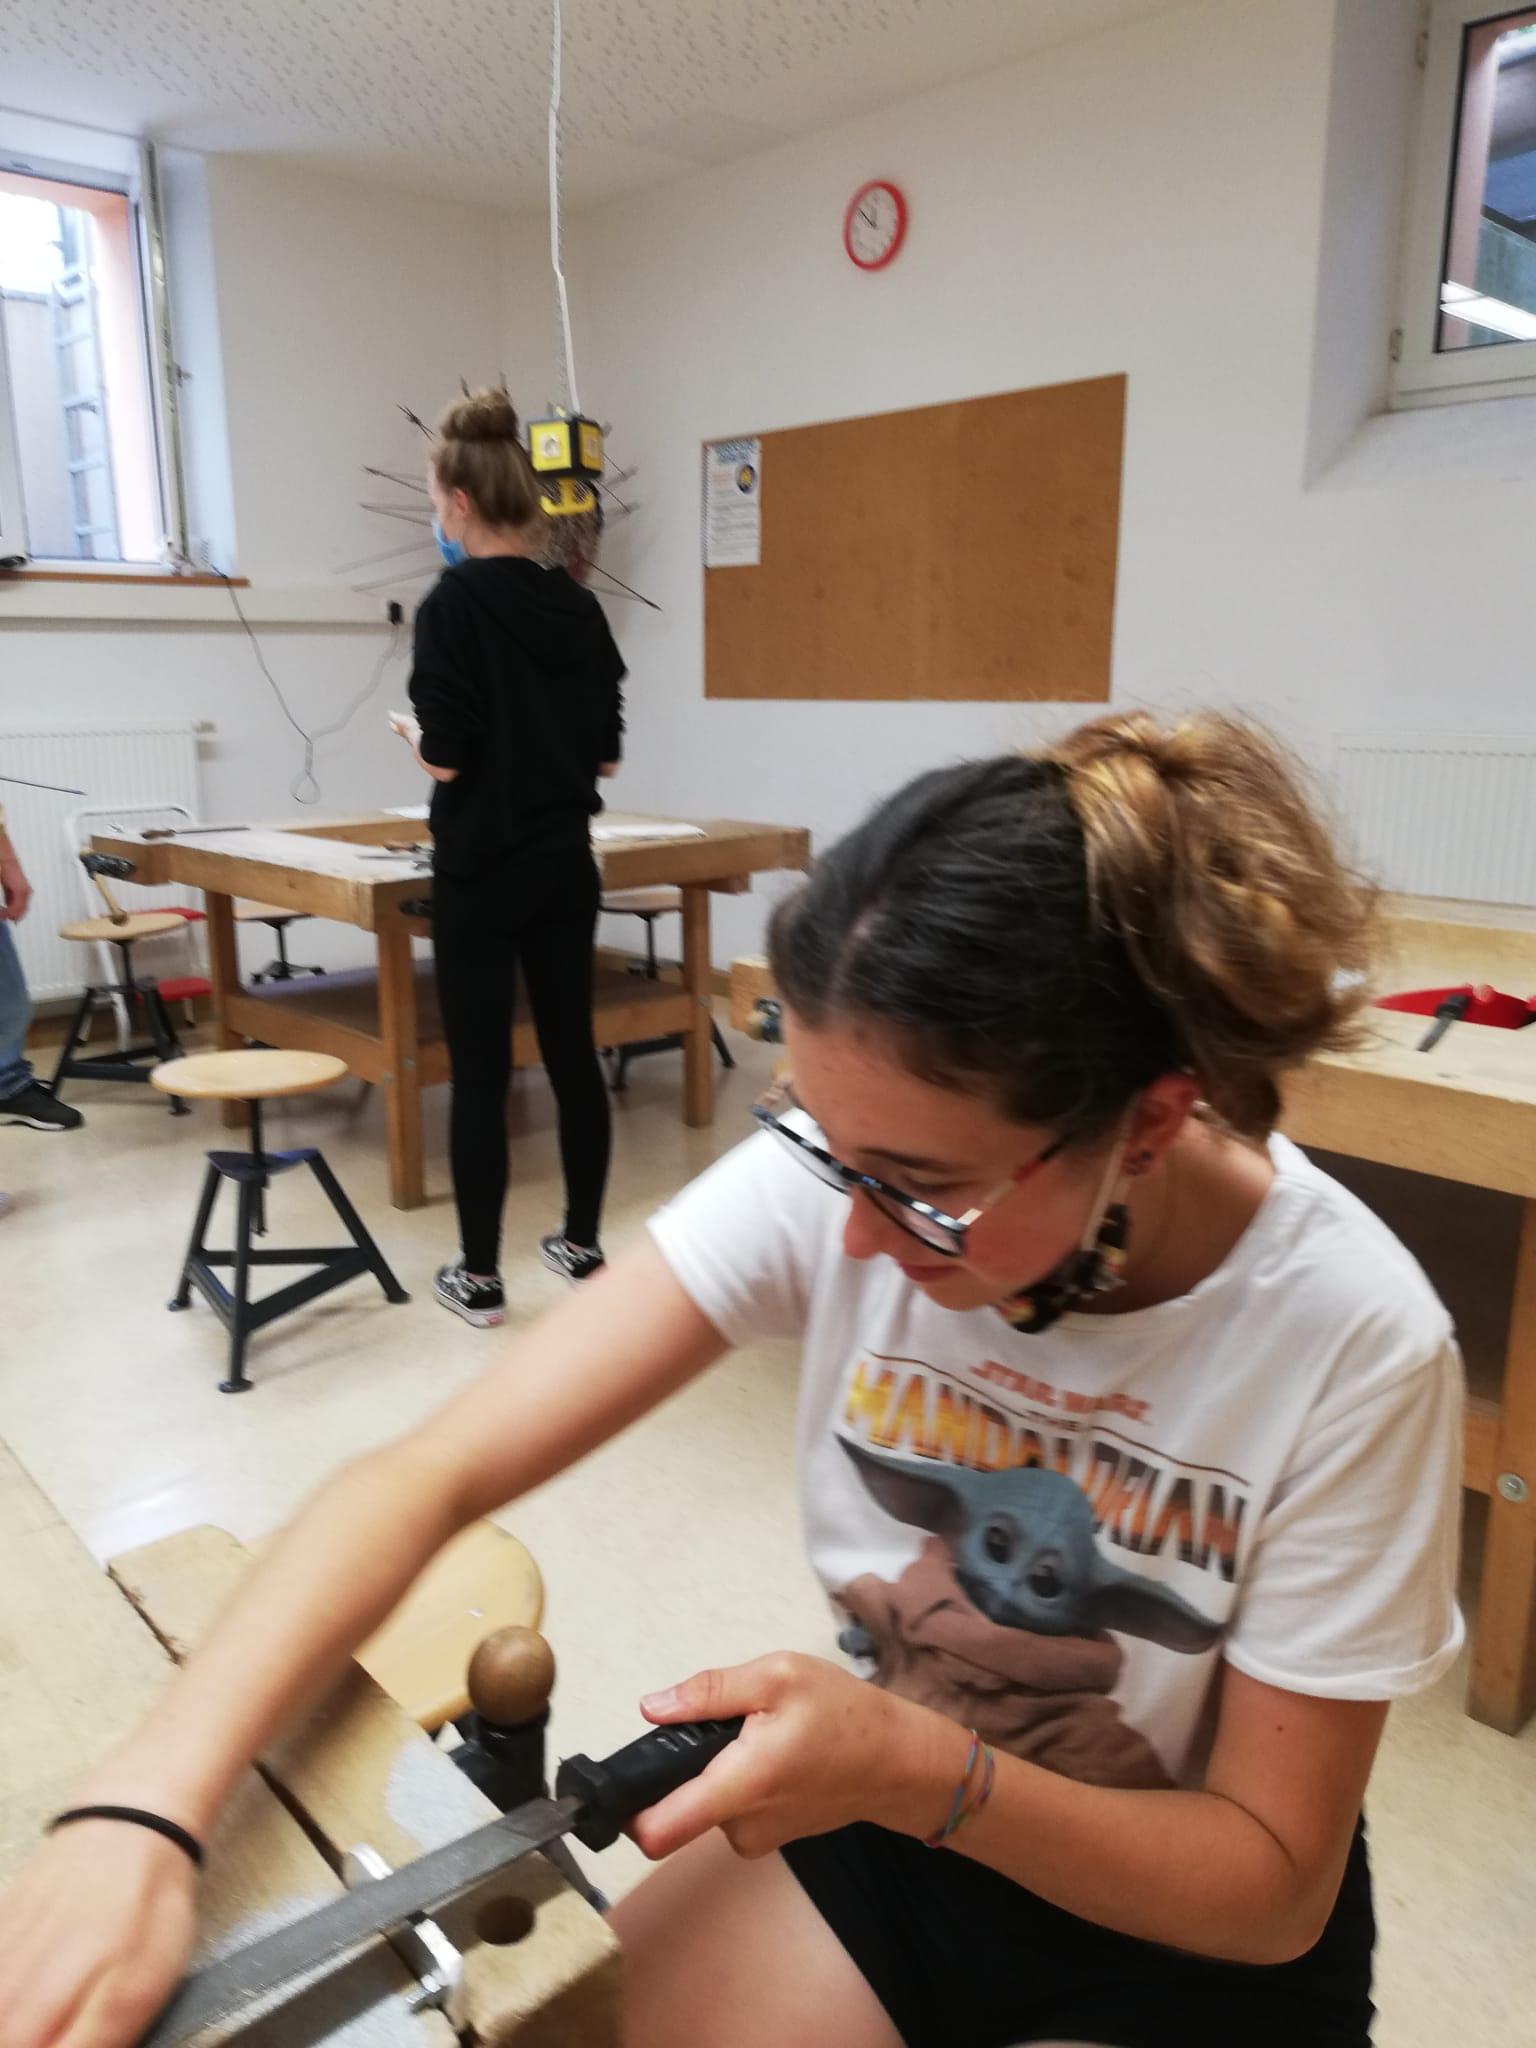 """Read more about the article Praxisprojekt """"Konstruktionsmechaniker/in"""" an der Markus-Gottwalt-Mittelschule"""